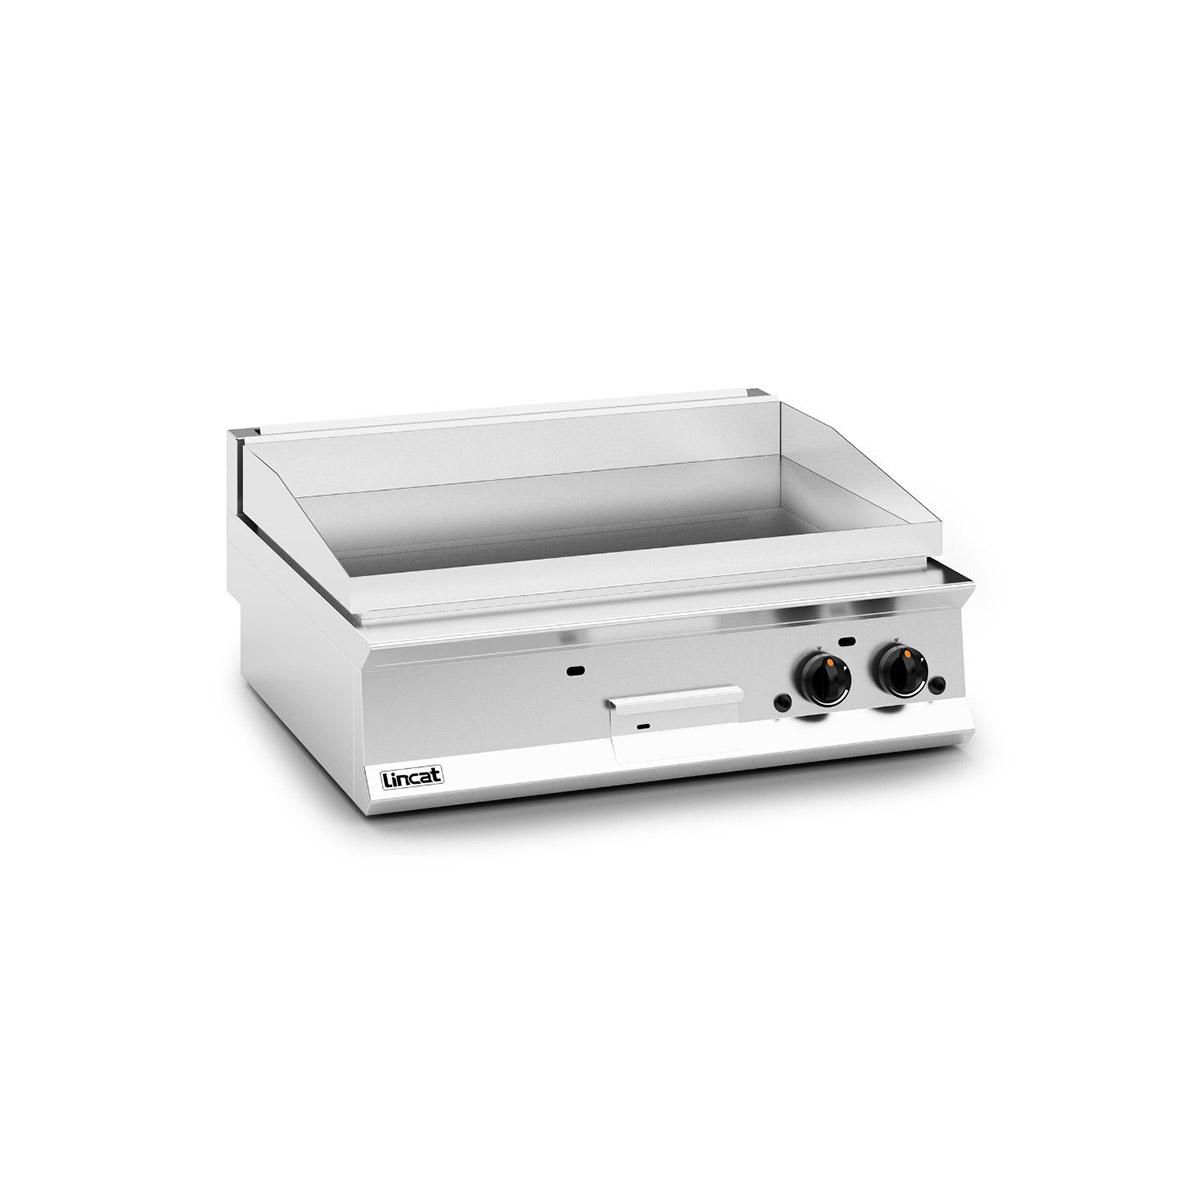 Lincat Opus 800 Machine Steel Plate Gas Griddle Model: OG8202